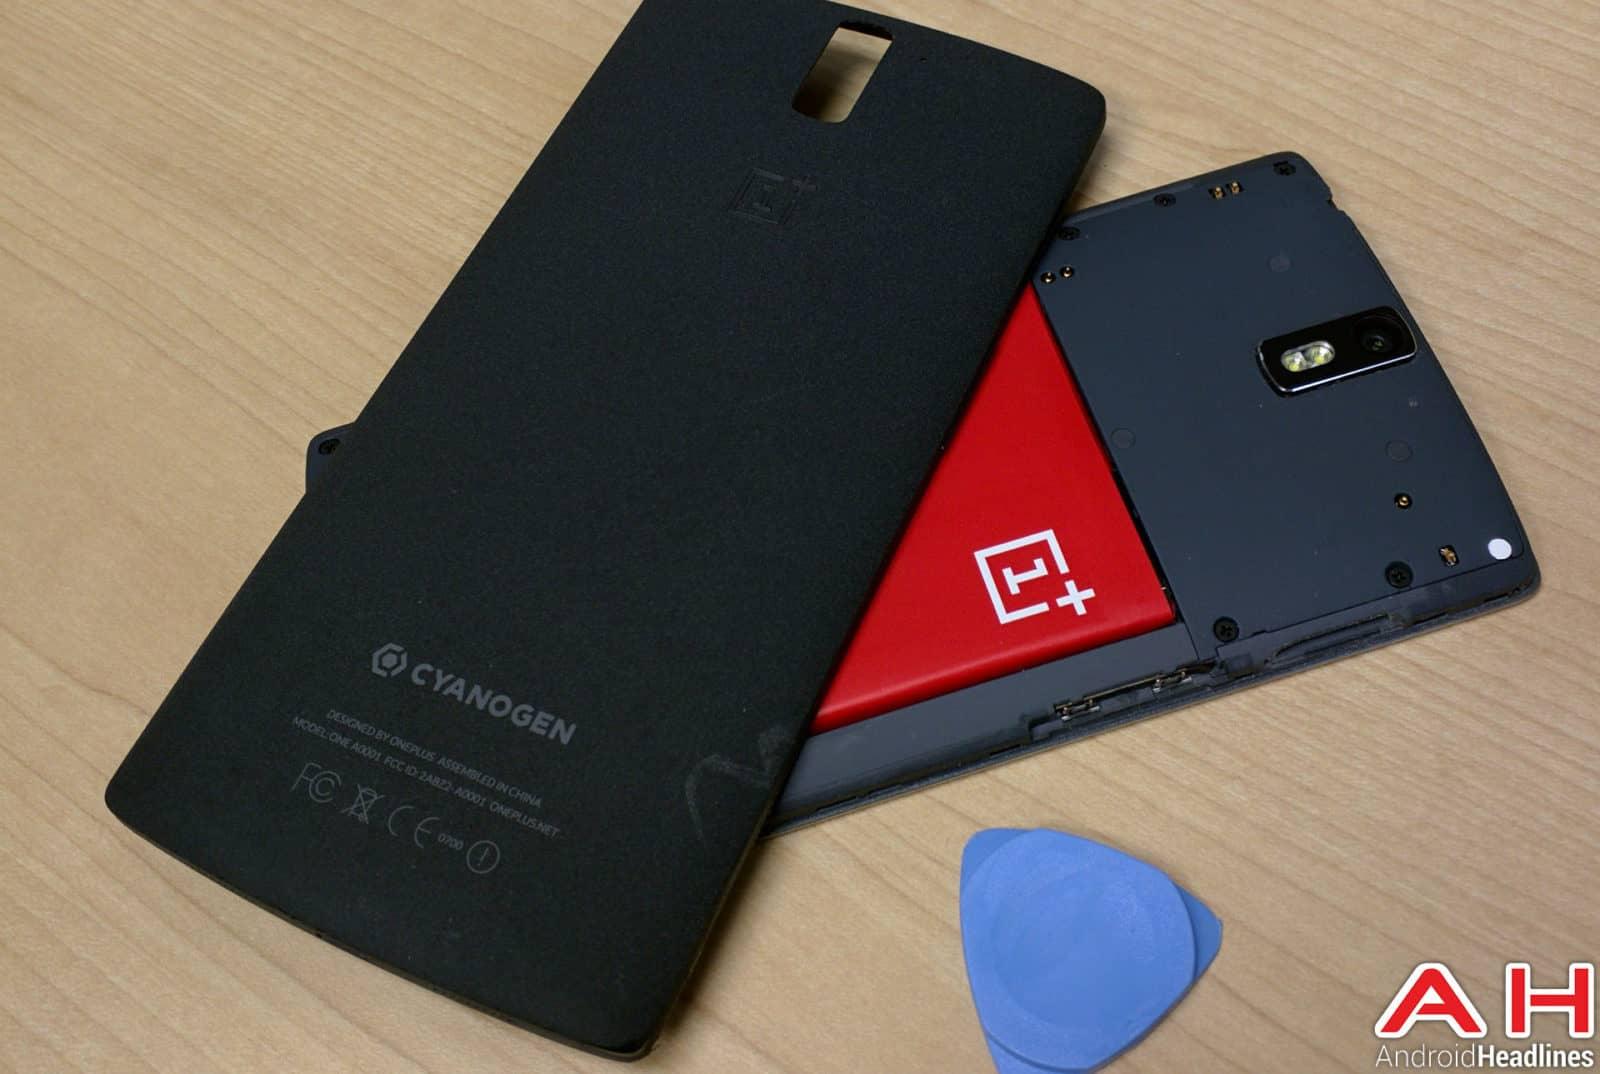 OnePlus-One-StyleSwap-01